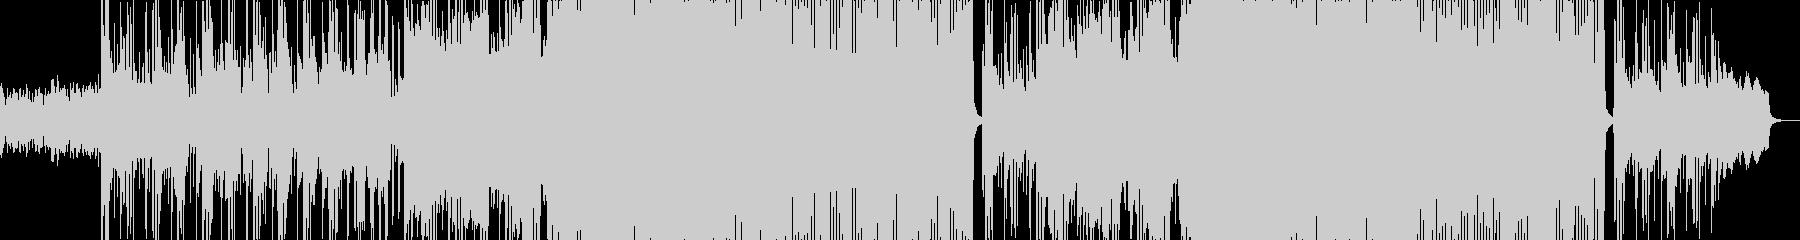 ダーク系女性ボーカルの未再生の波形